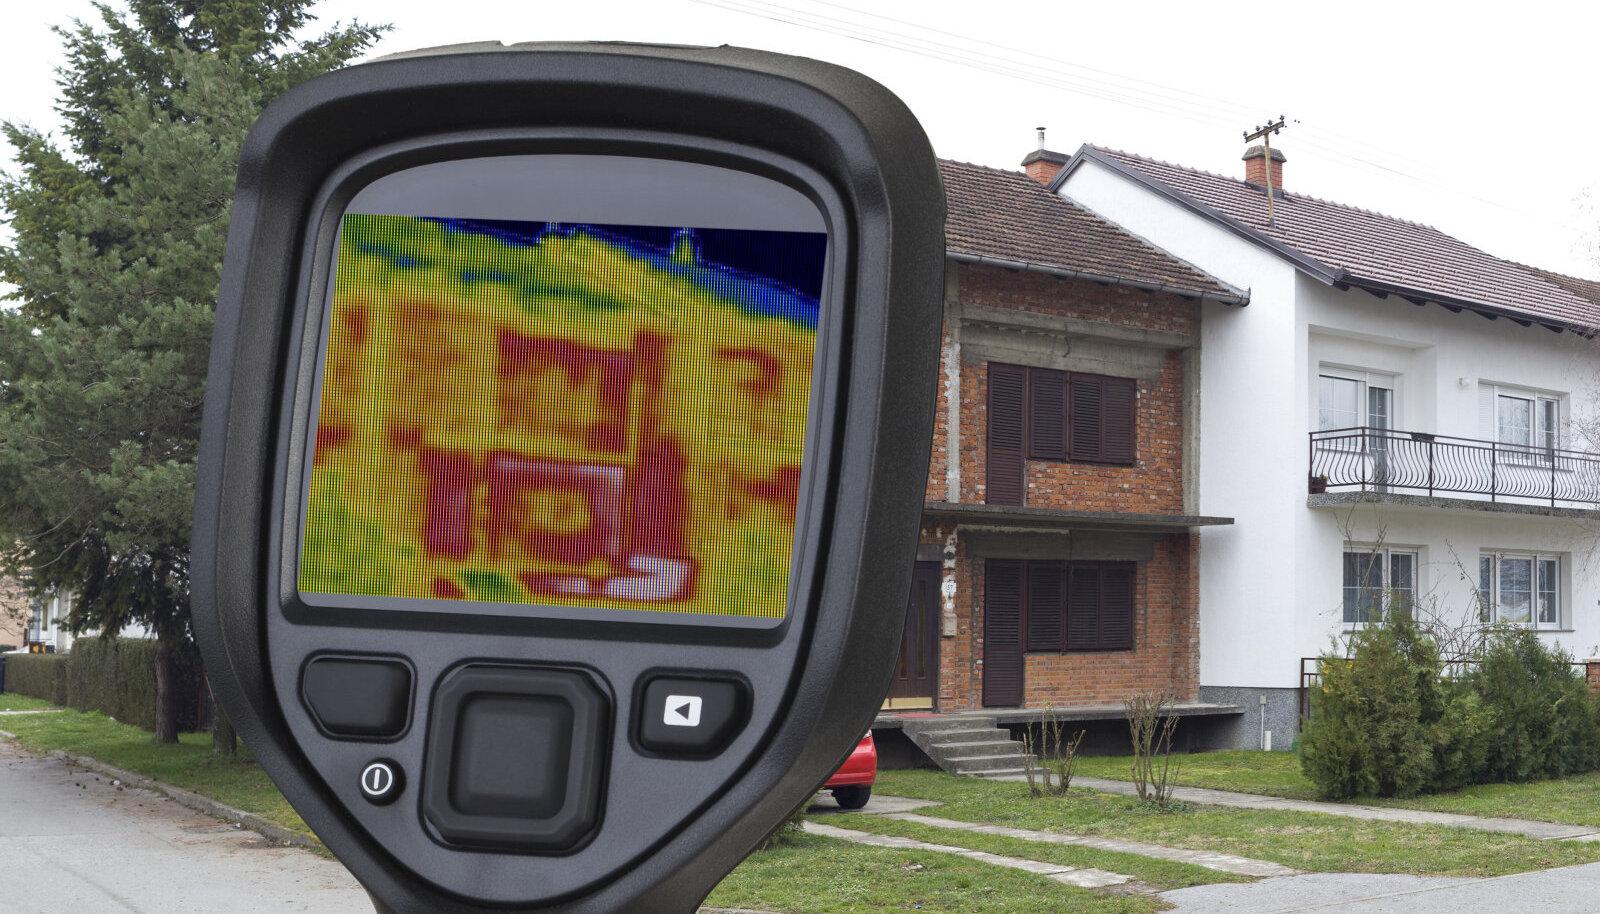 Kvaliteedi kontrollimisel on abiks näiteks soojuspiltide tegemine, mille abil saab kontrollida maja tuule ja soojapidavust.